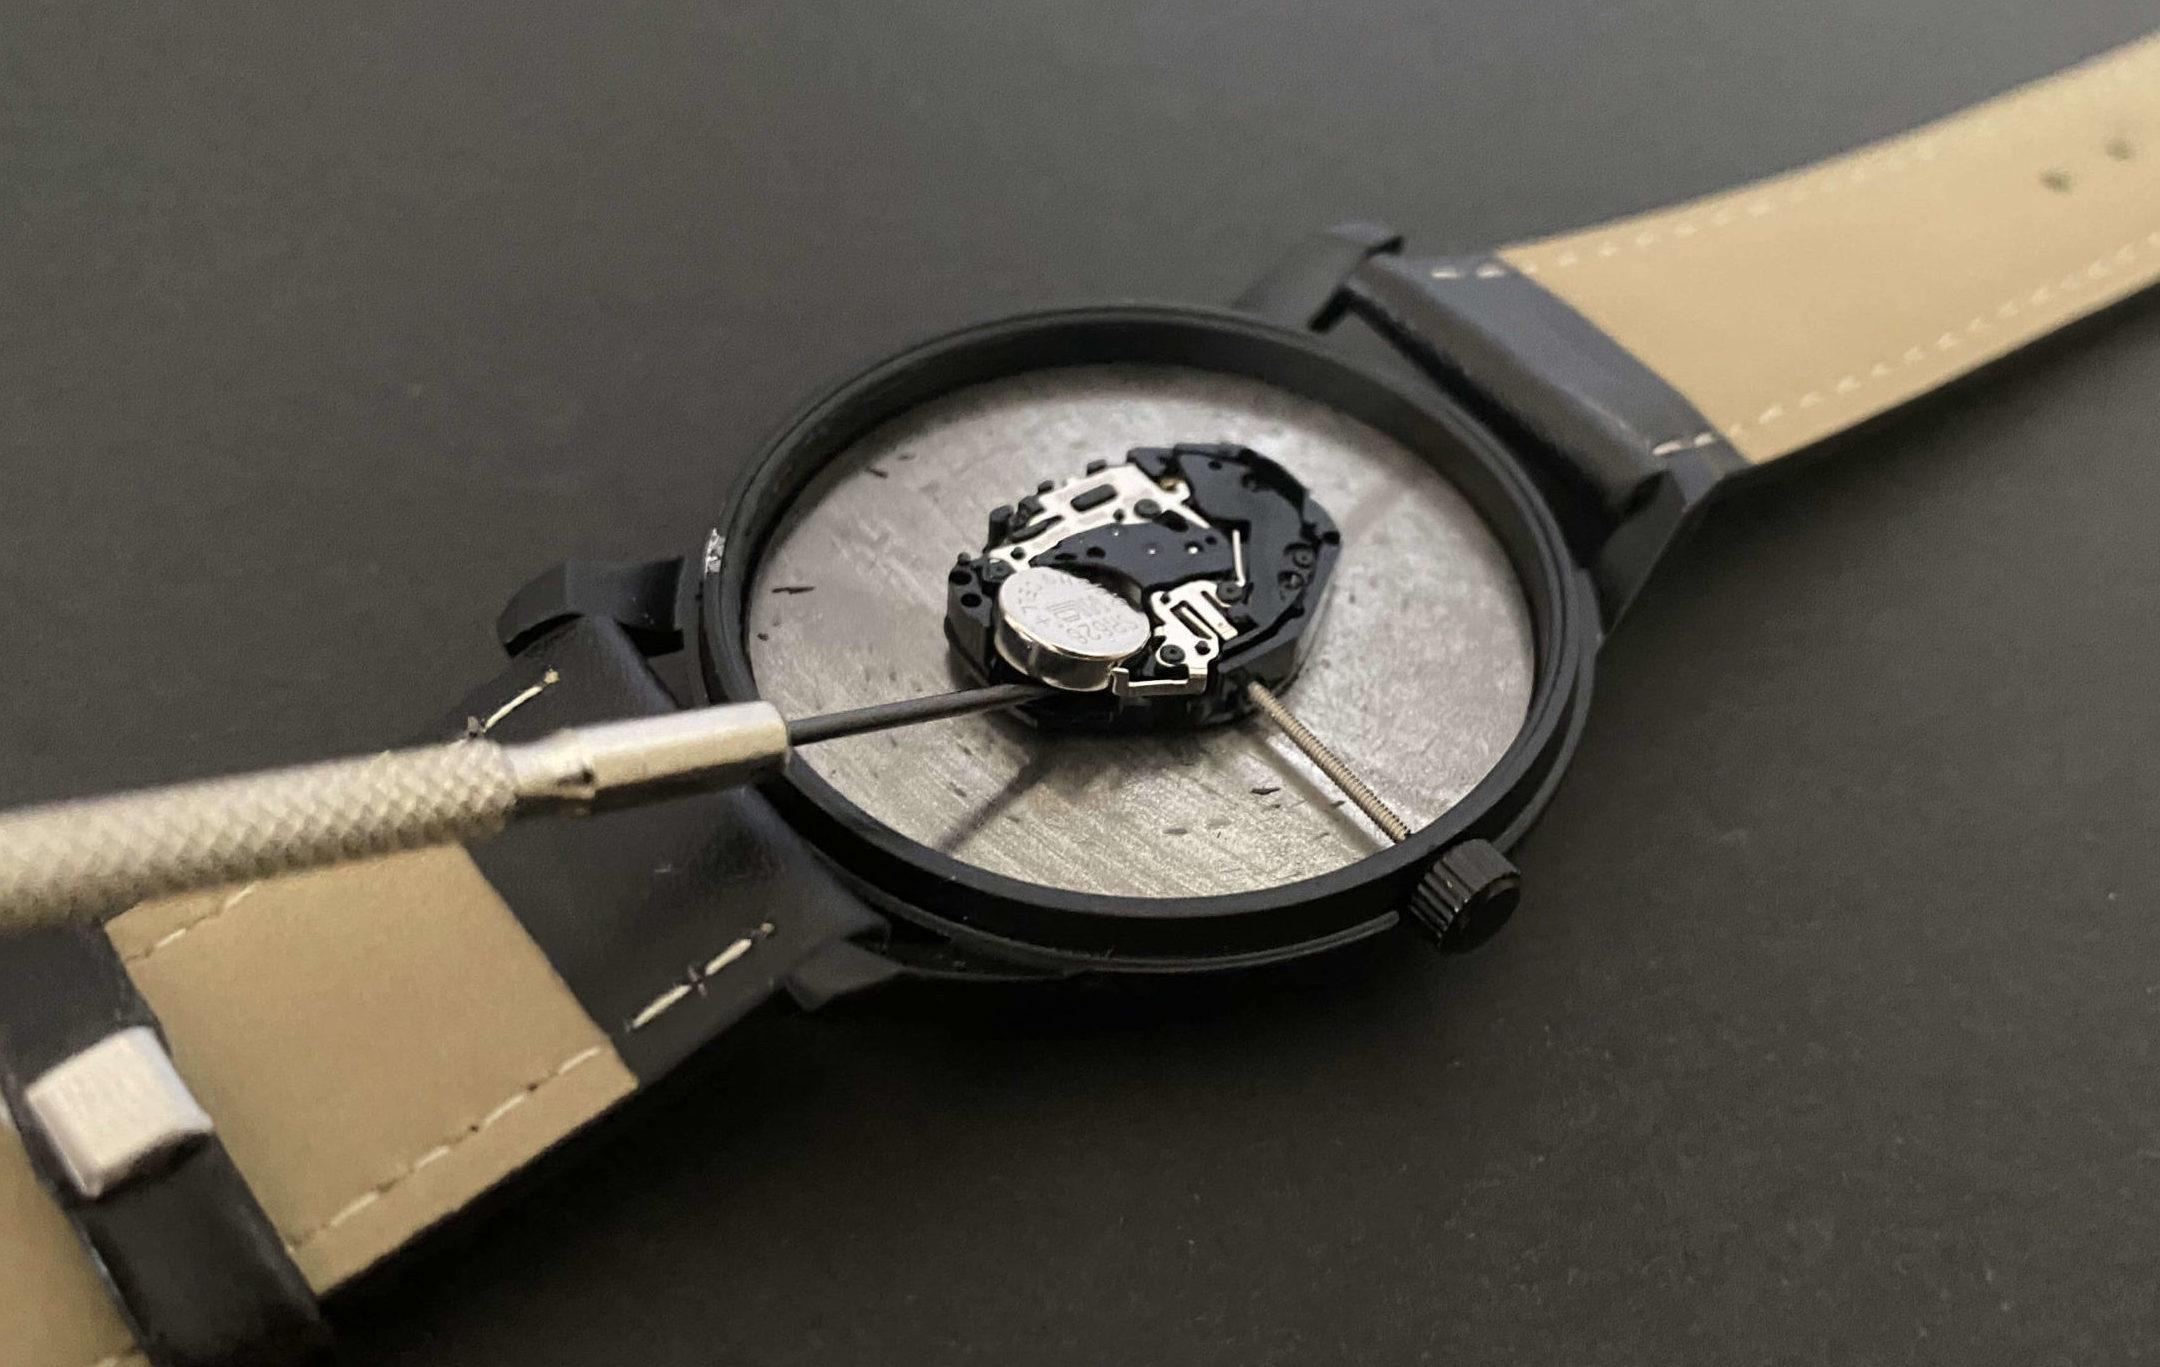 電池交換のためにダイソー腕時計のSR626SWを取り出す